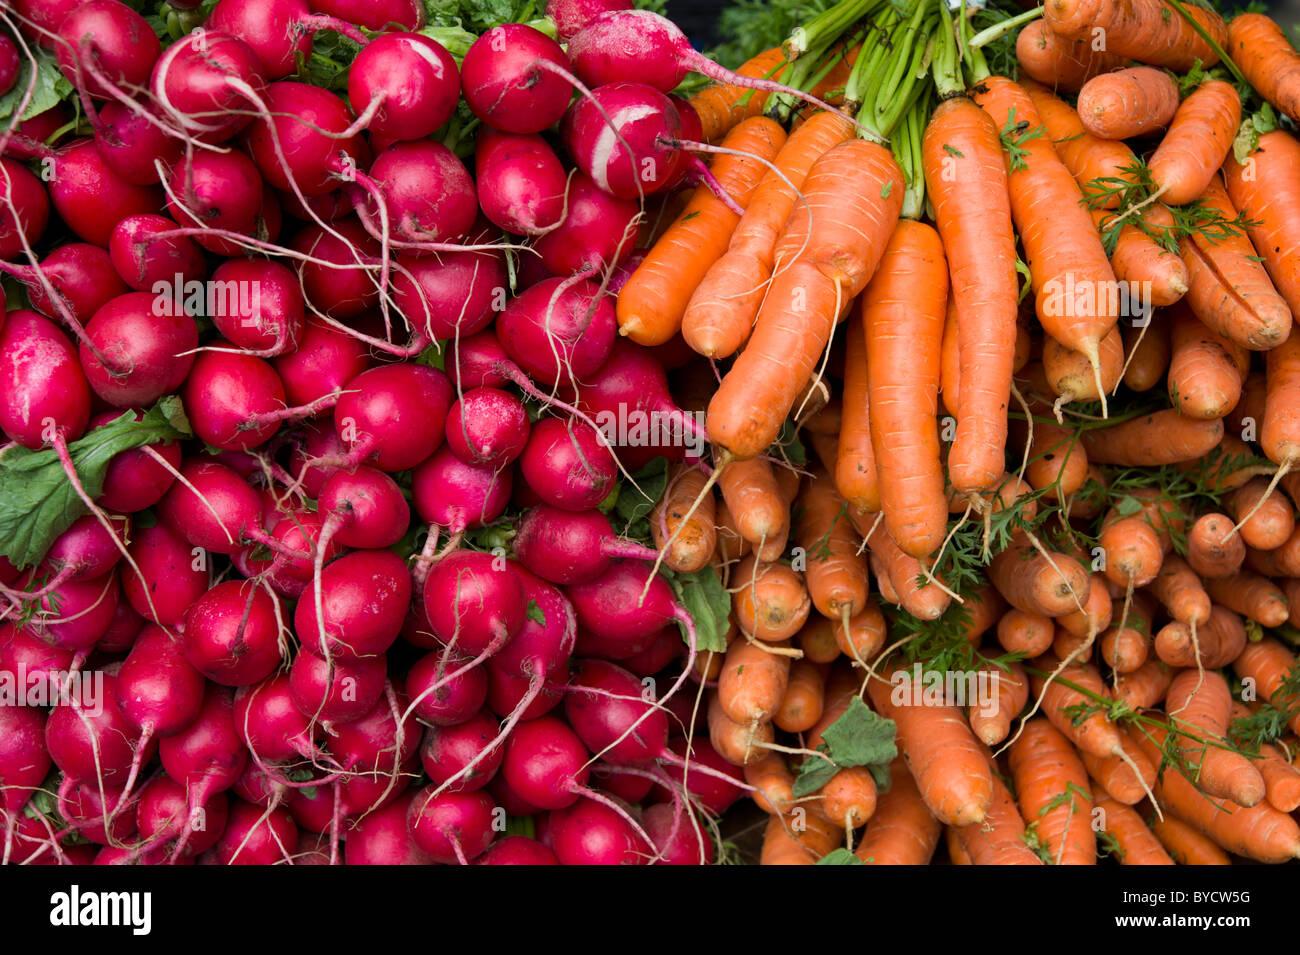 Los rábanos y las zanahorias en el mercado de hortalizas cale Imagen De Stock